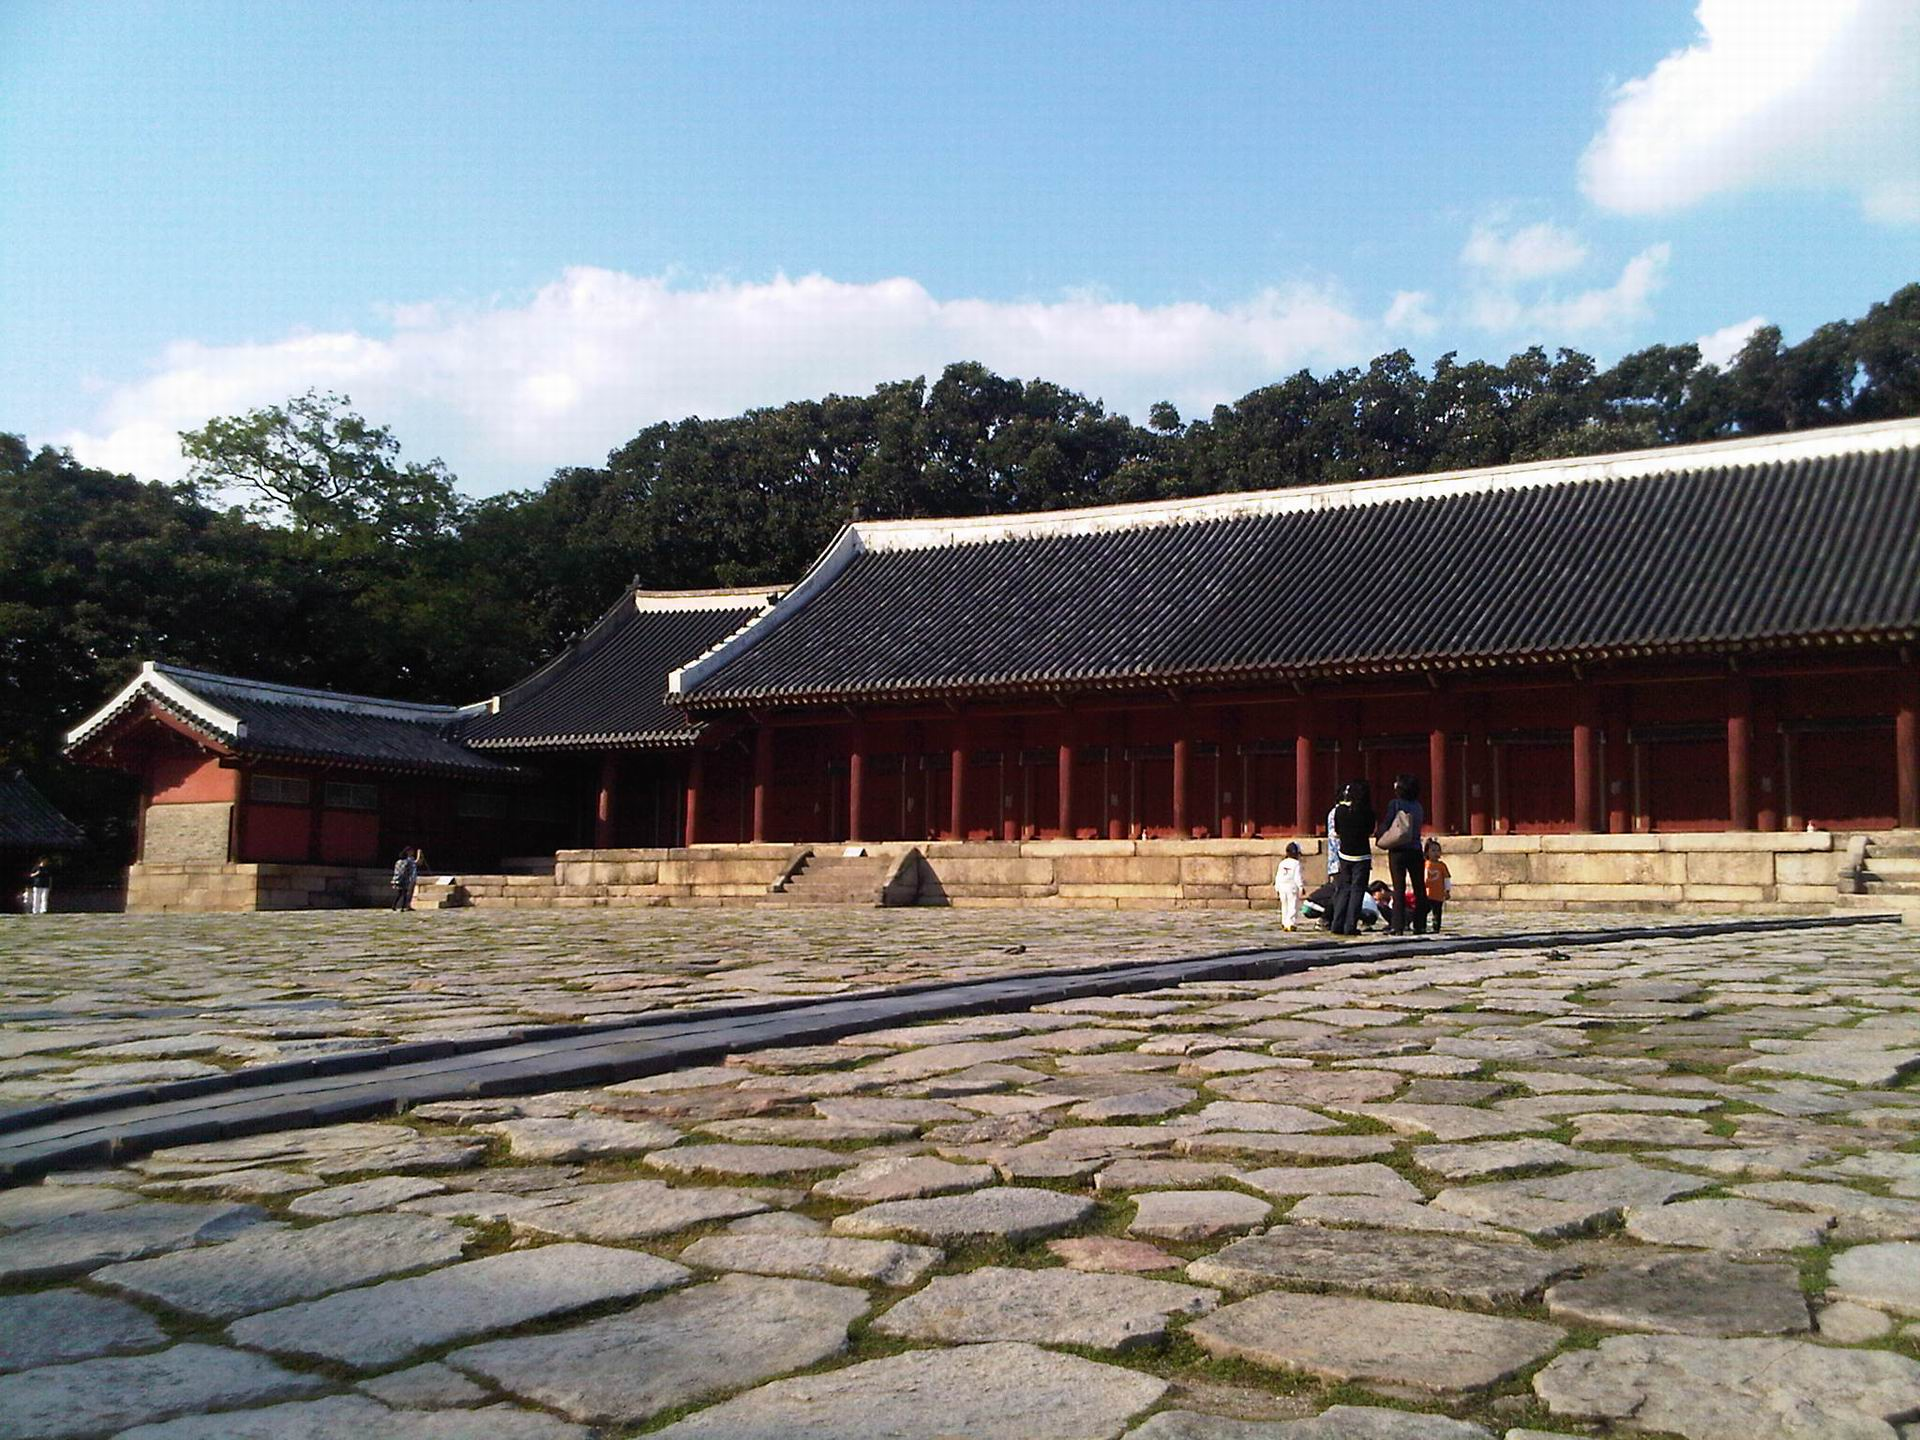 Jongmyo shrine, South Korea